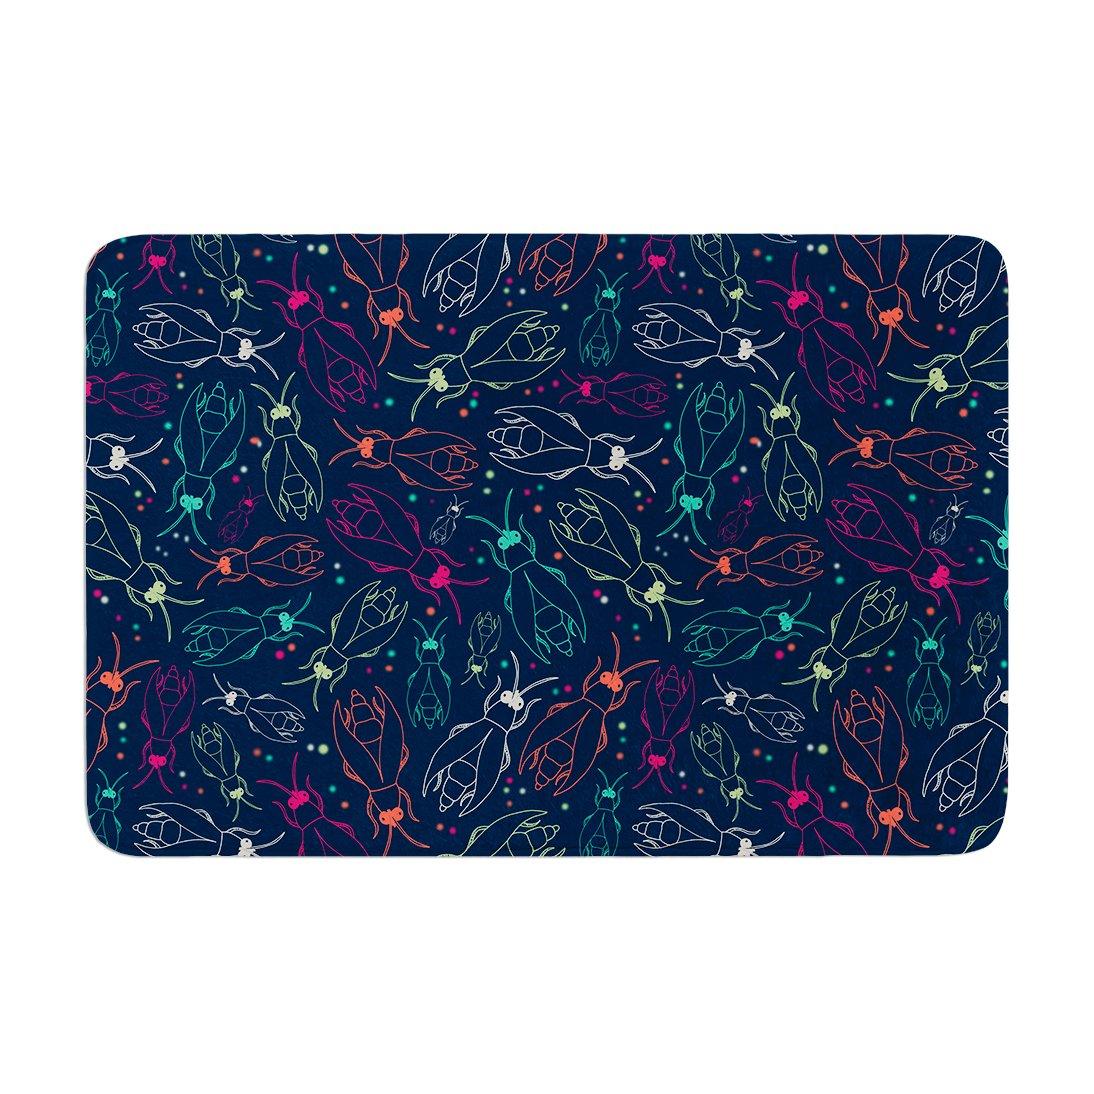 Kess InHouse 'Laura Escalante Fireflies Midnight Garden Dark Blue Memory Foam Bath Mat, 17 by 24'